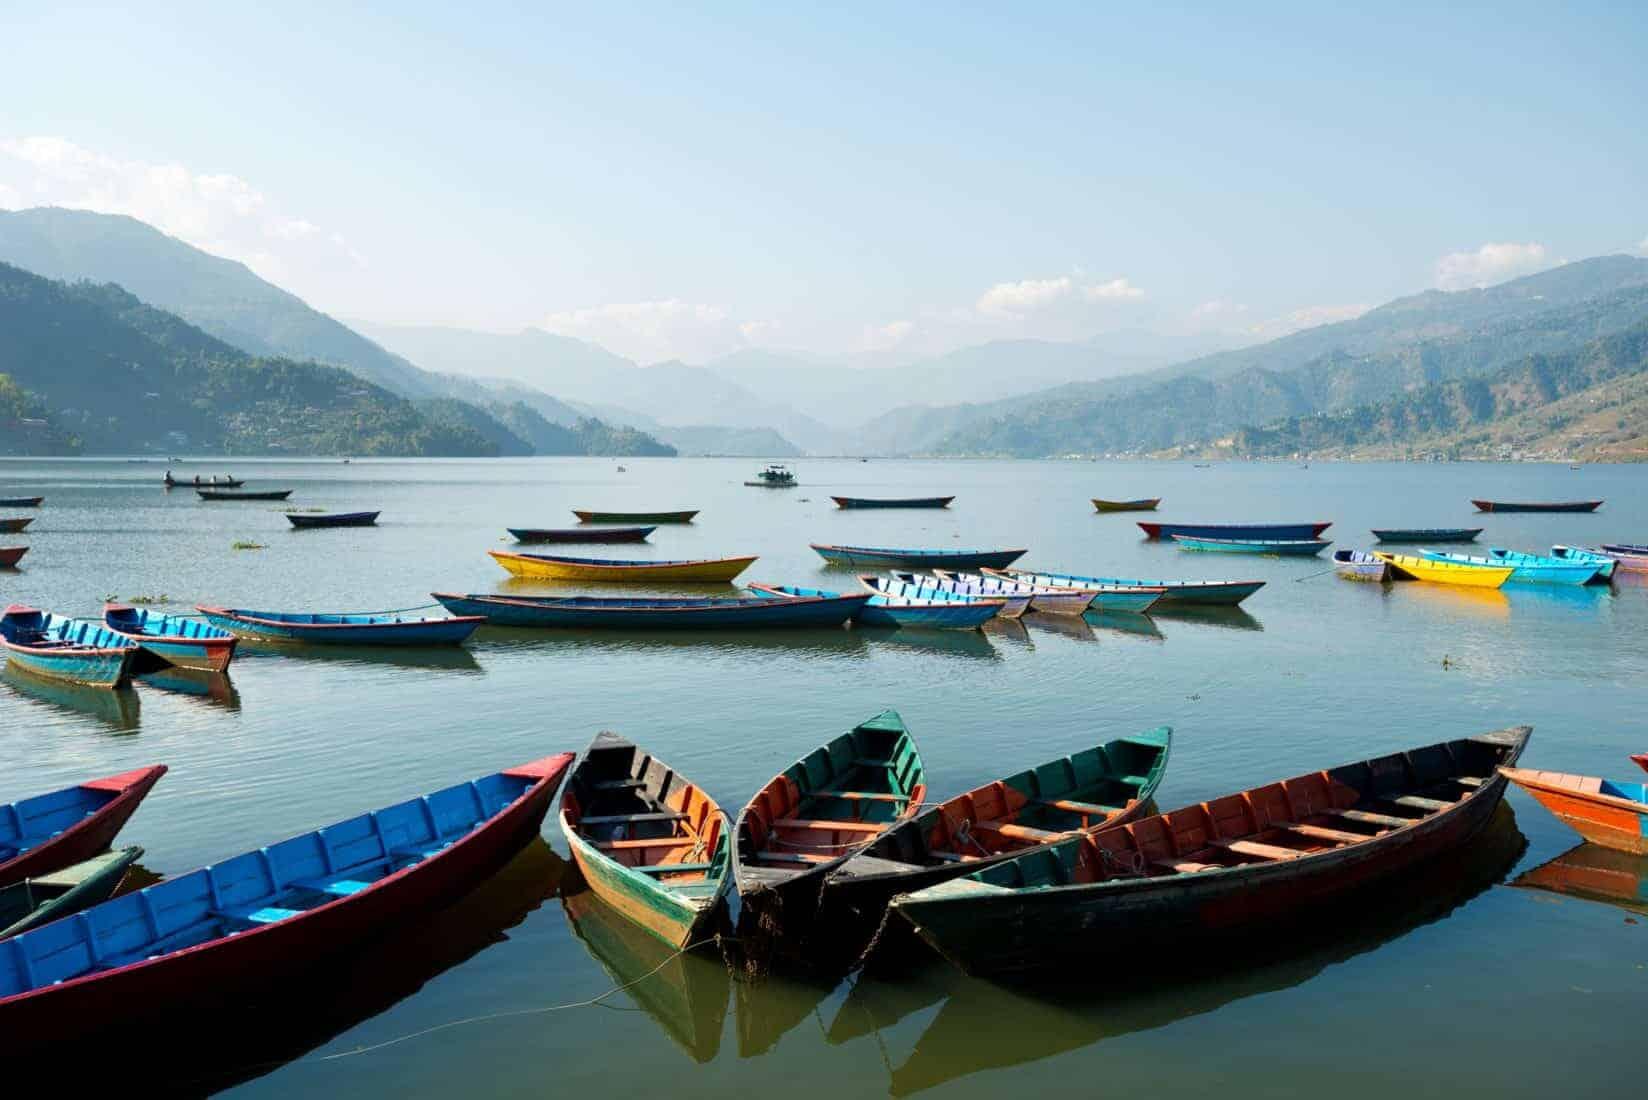 Pokhara, Nepal. Boat, water